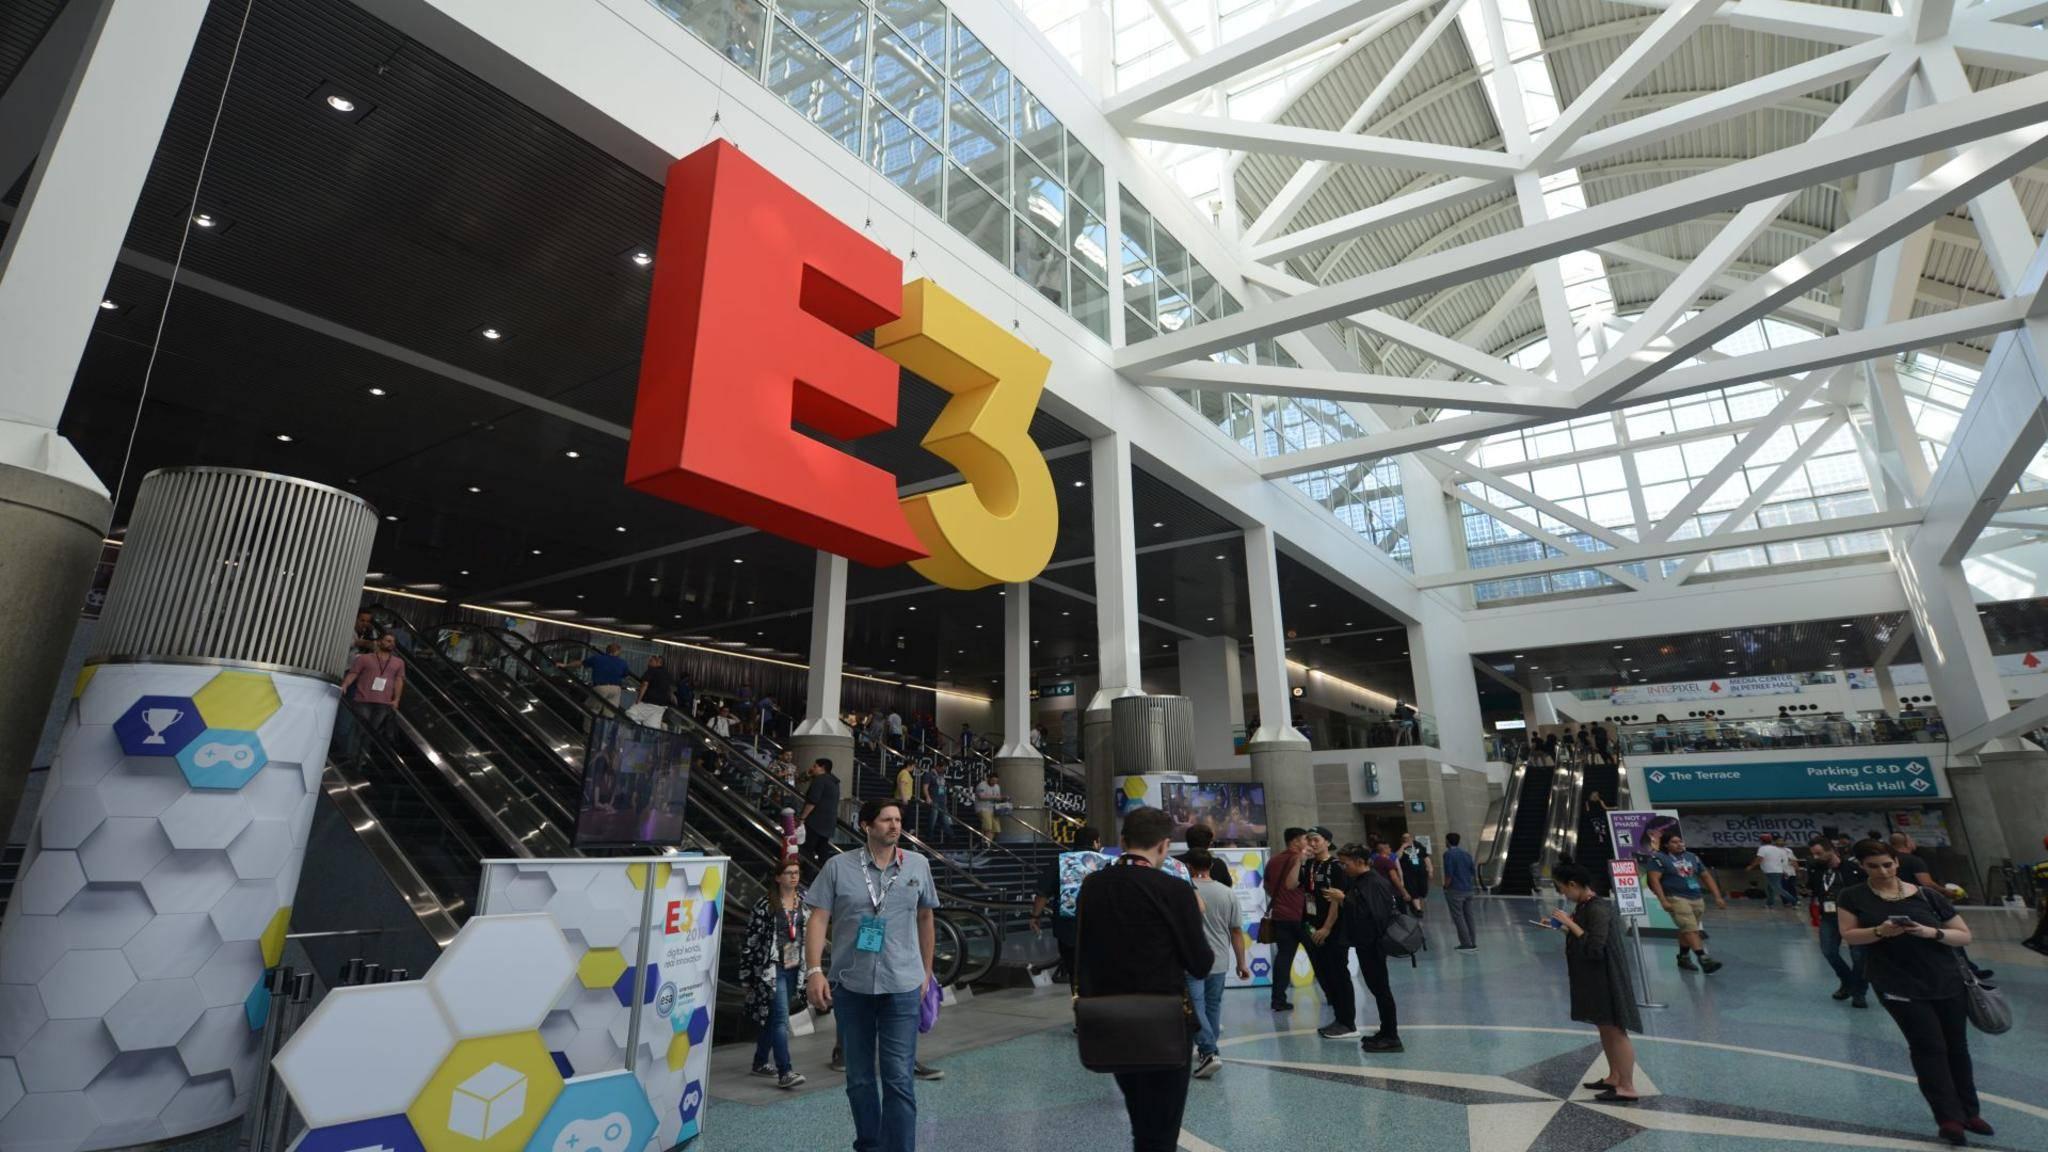 PlayStation: Für Sony ist die E3 nicht mehr zeitgemäß.